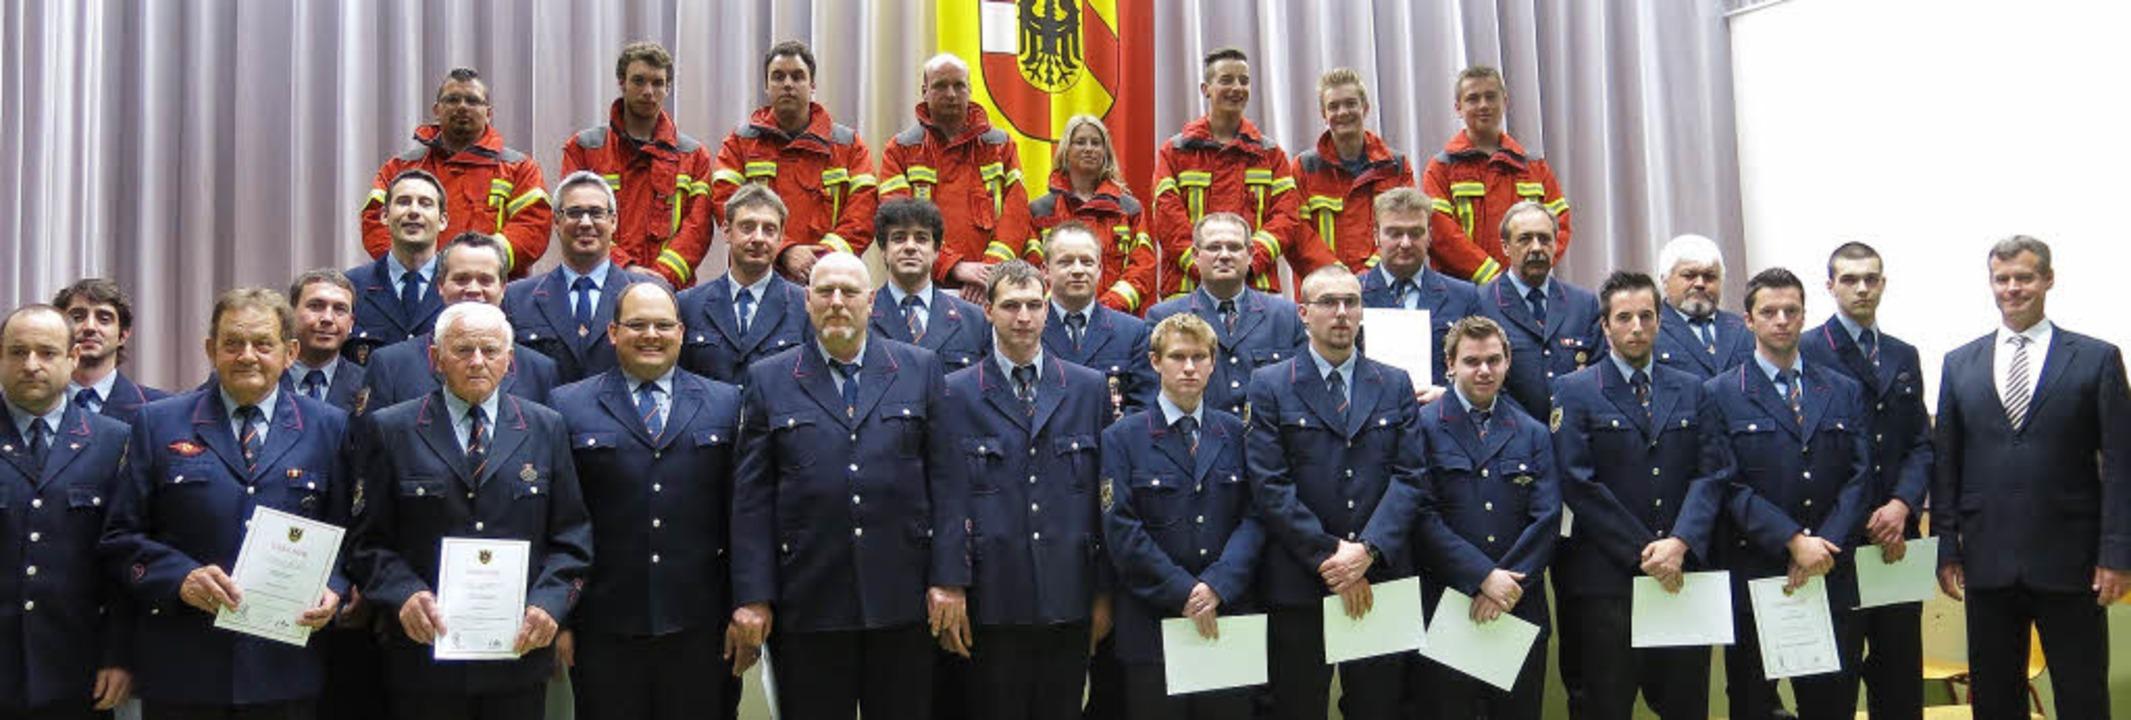 In ihrer Hauptversammlung ehrte die Fe... beförderte zahlreiche Feuerwehrleute.    Foto: claudia müller